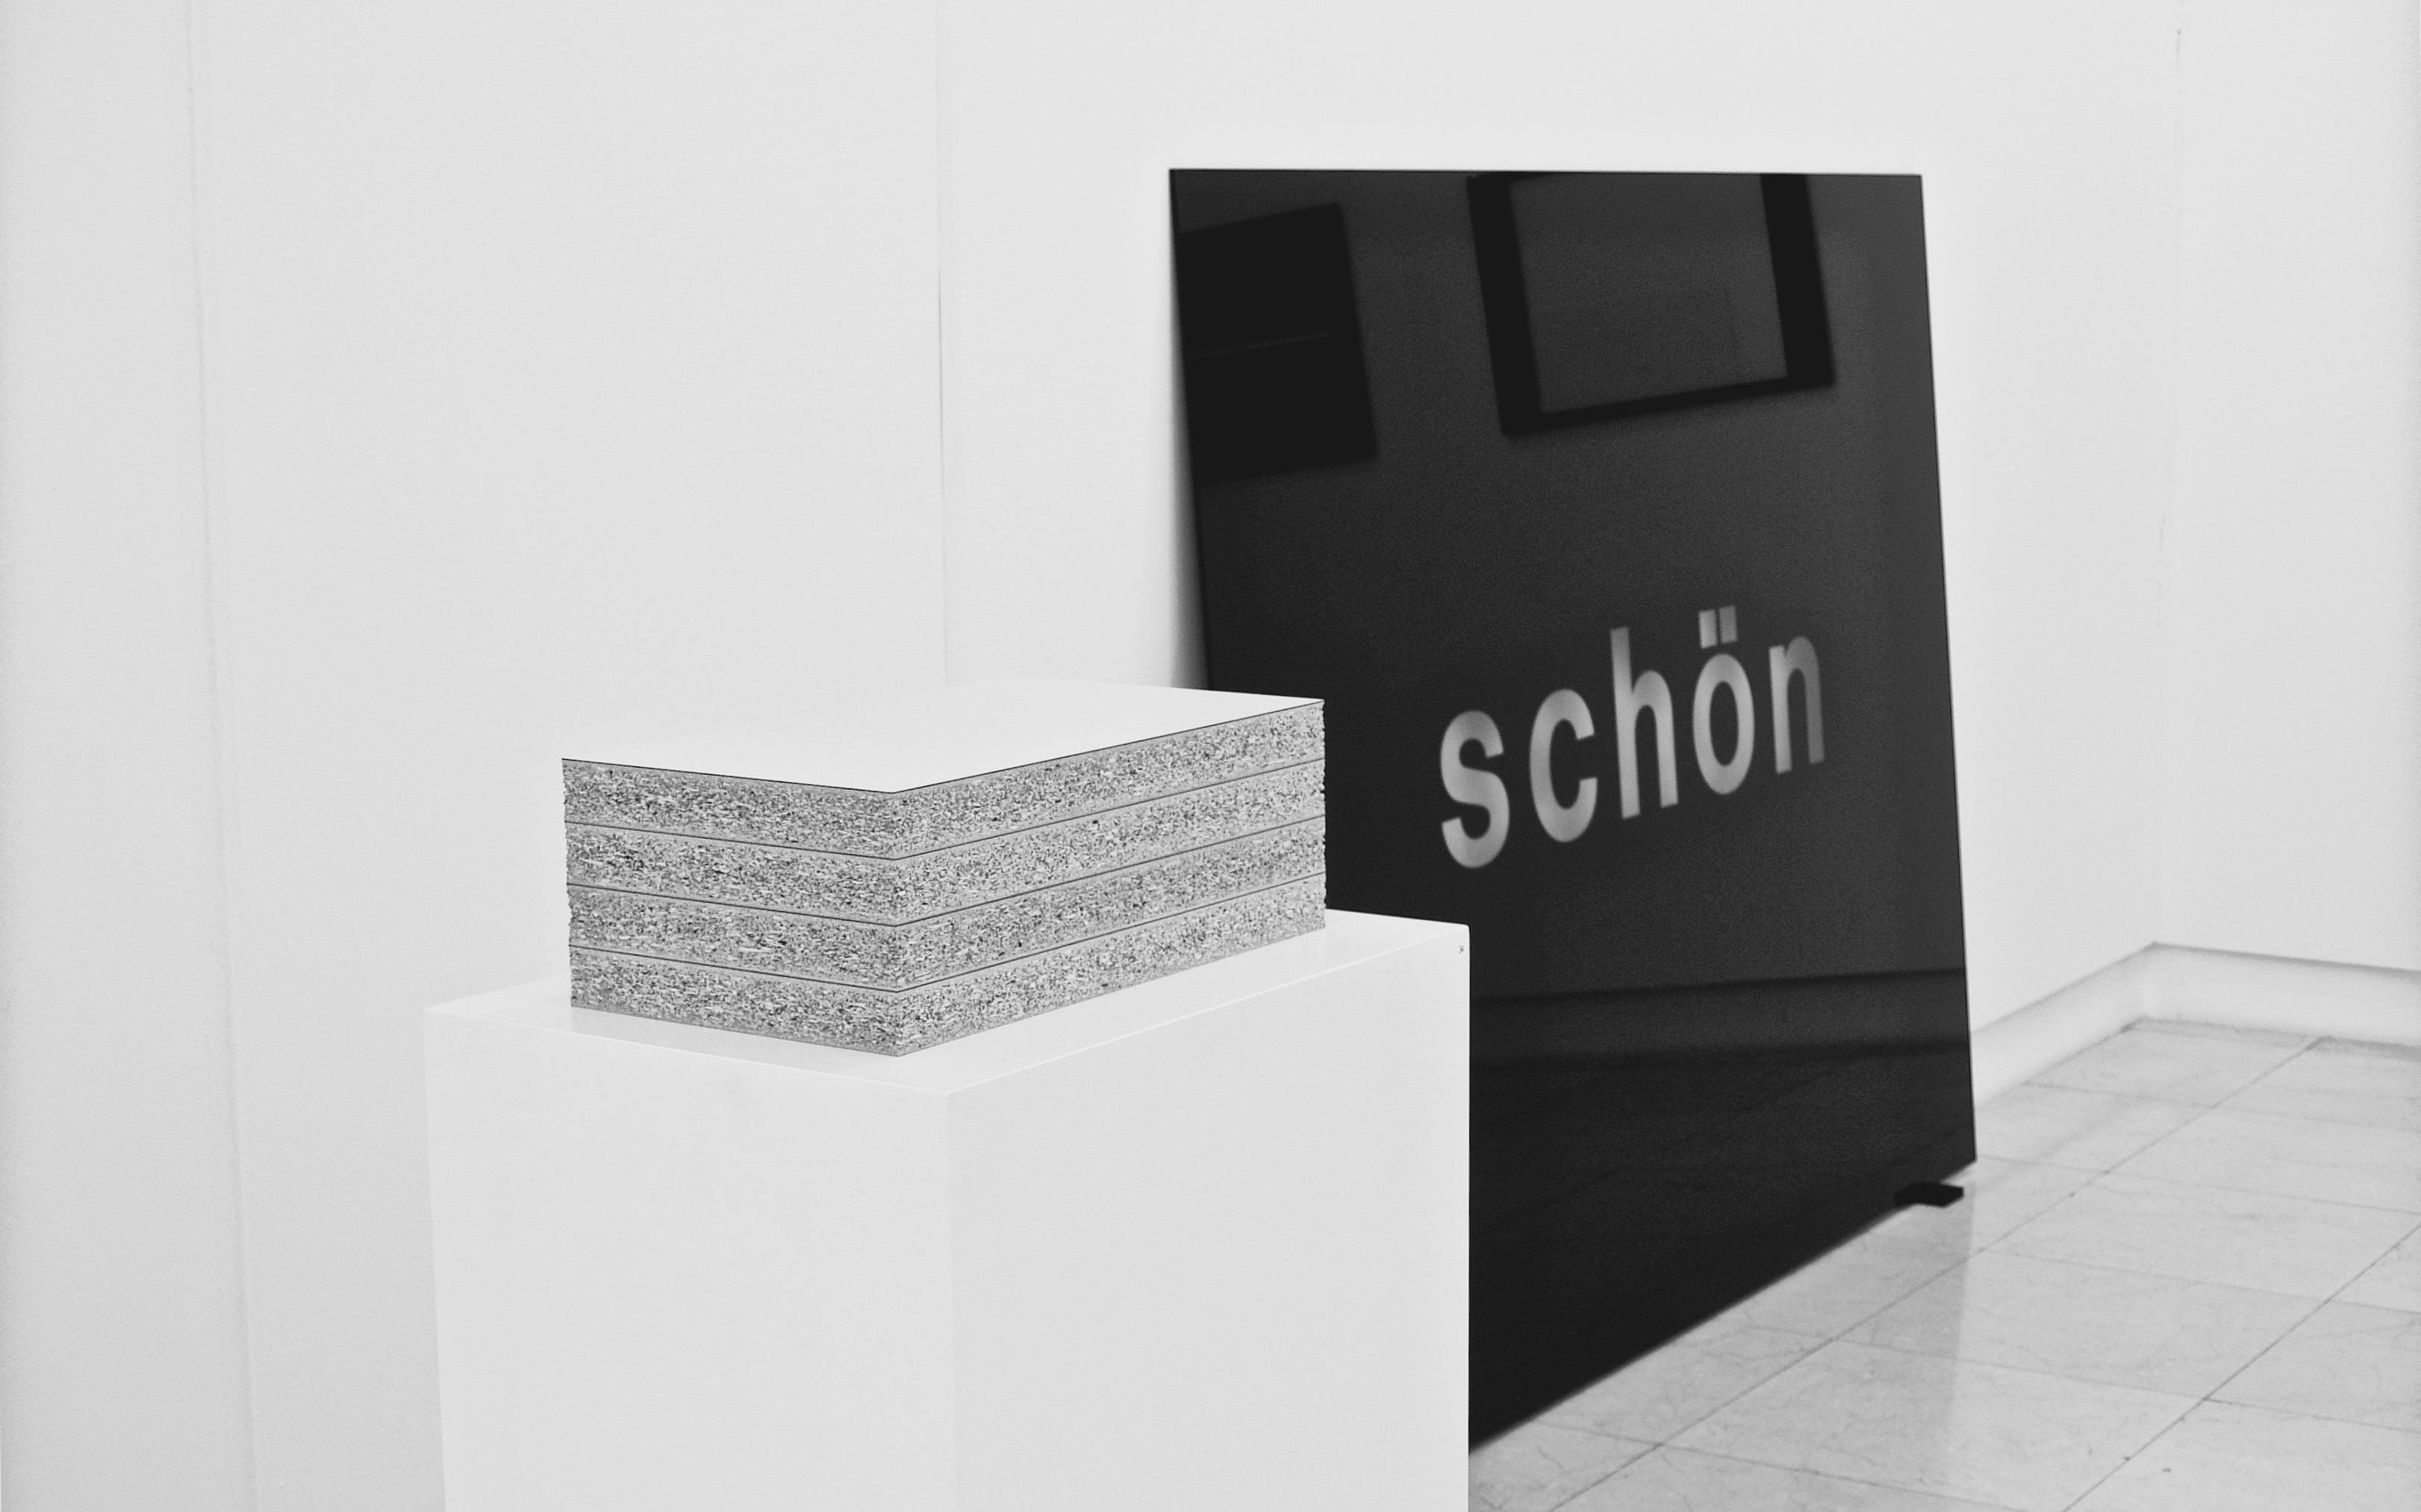 schön / beautiful<br>2005, Hinterglasbild / reverse glass painting, 150x200cm| Schichtung / Layering, 2005, Spanplatte, chipboard, 16x46,5x26,5cm